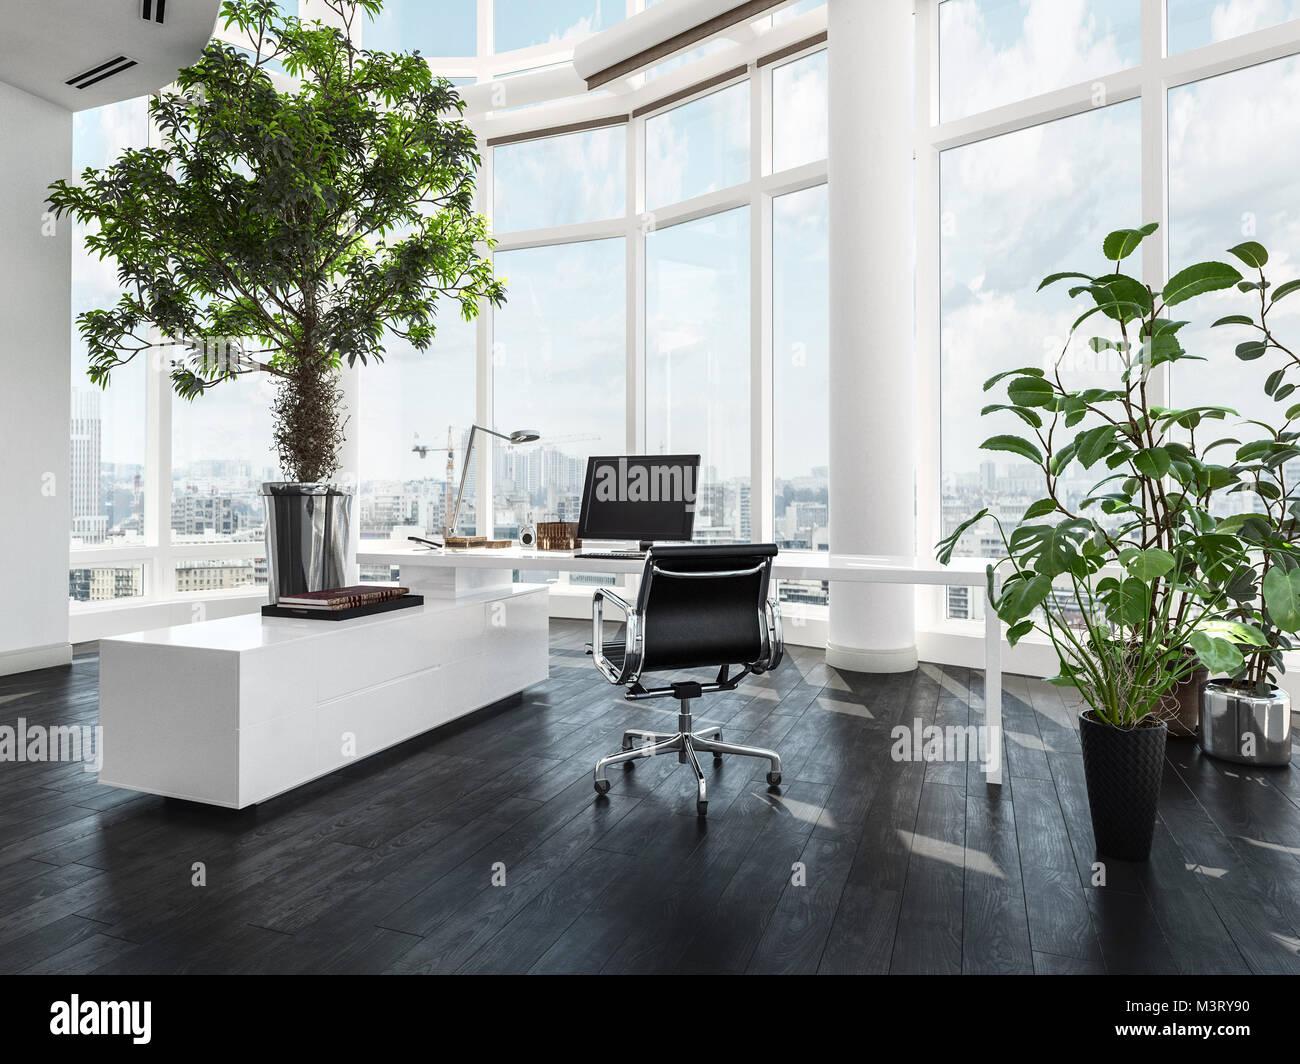 Moderner Luxus Büro Interieur in einem Pent House mit geschwungenen ...